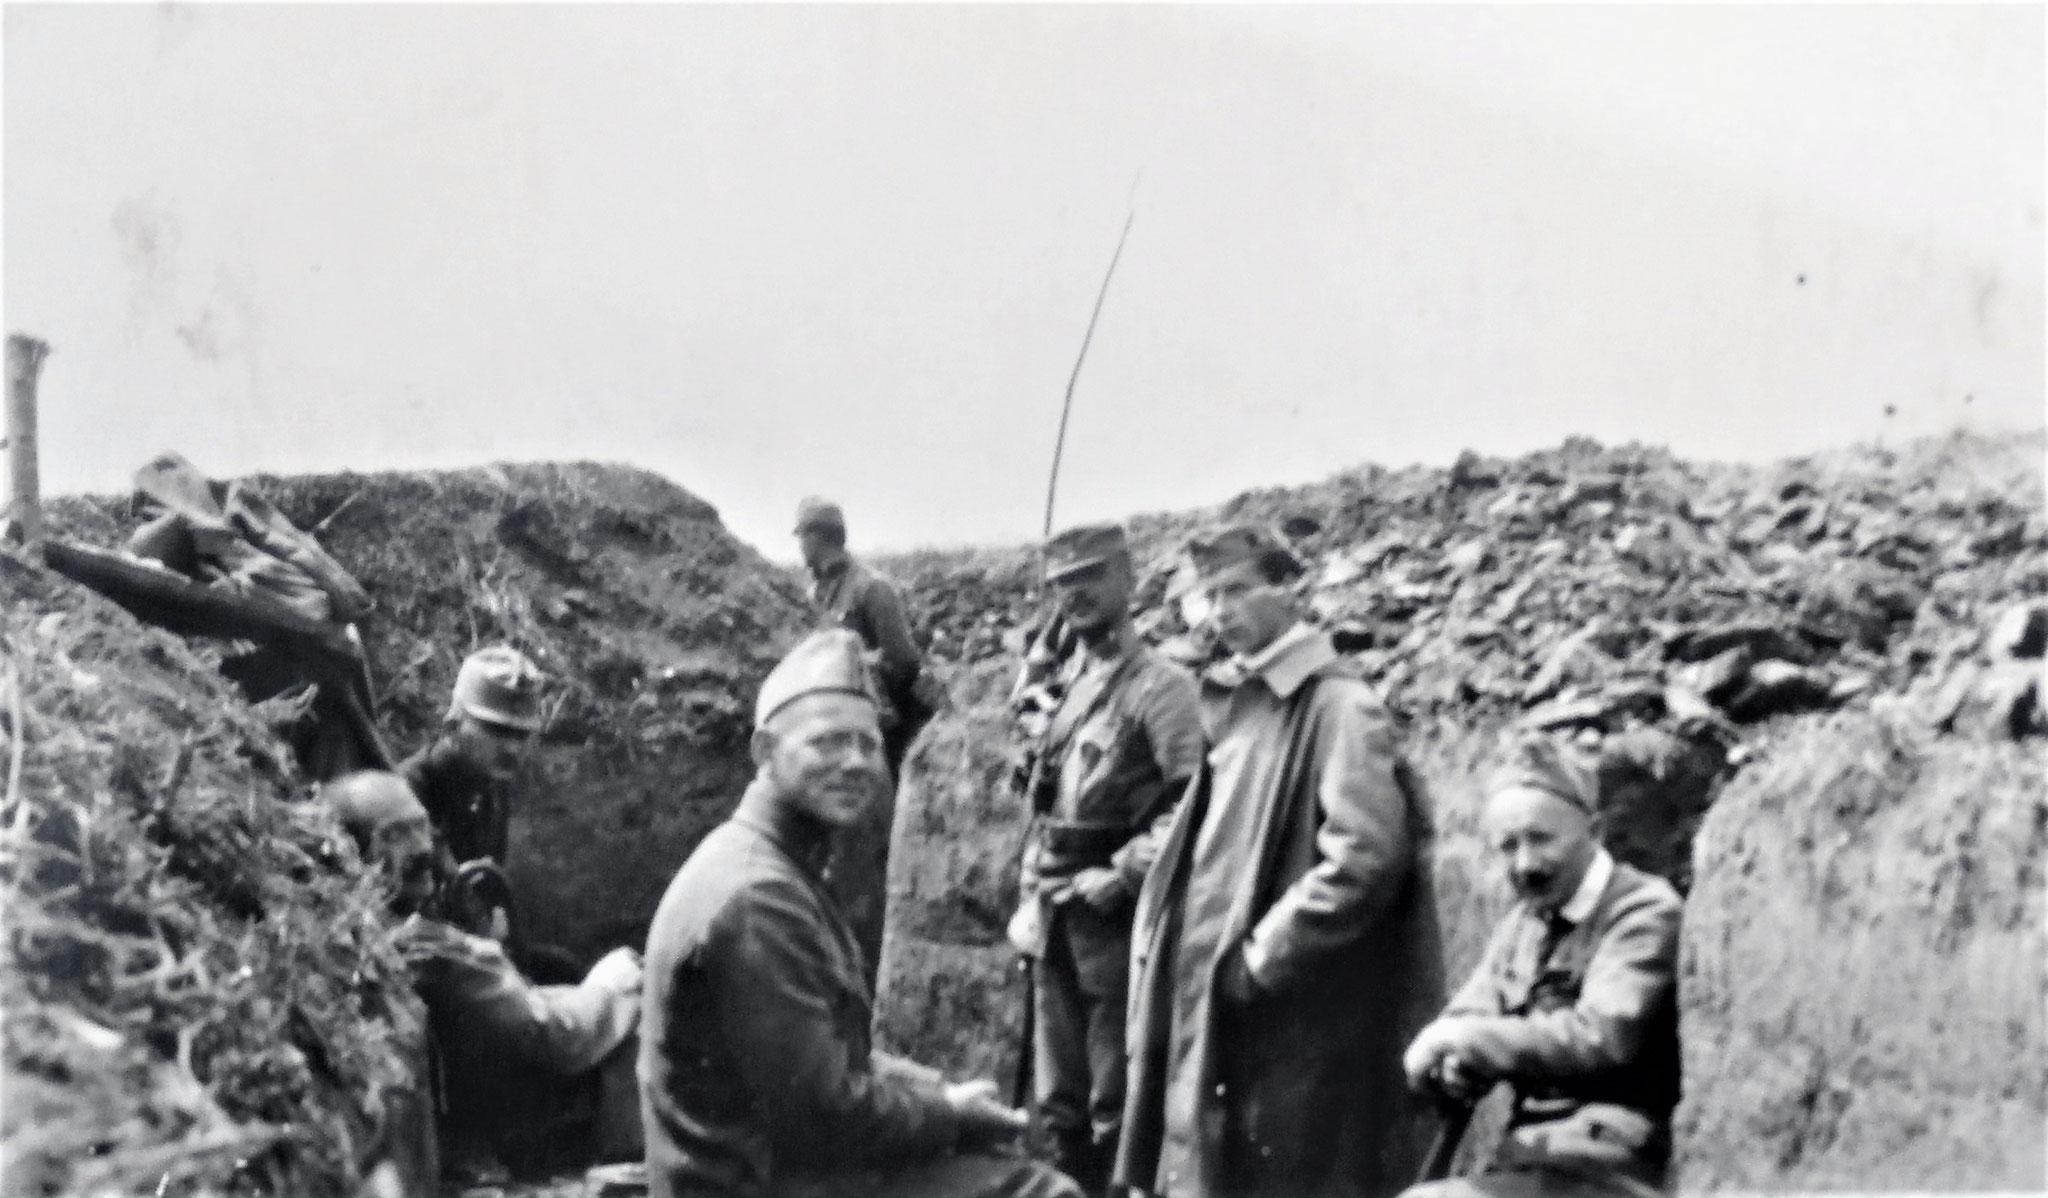 Stellung 4 km südöstlich. von Tlumacz, ich, Kloucek, Plank, Offiziersdiener Jerina, - Ofenheimer, der VO der RAD 6, Uram.